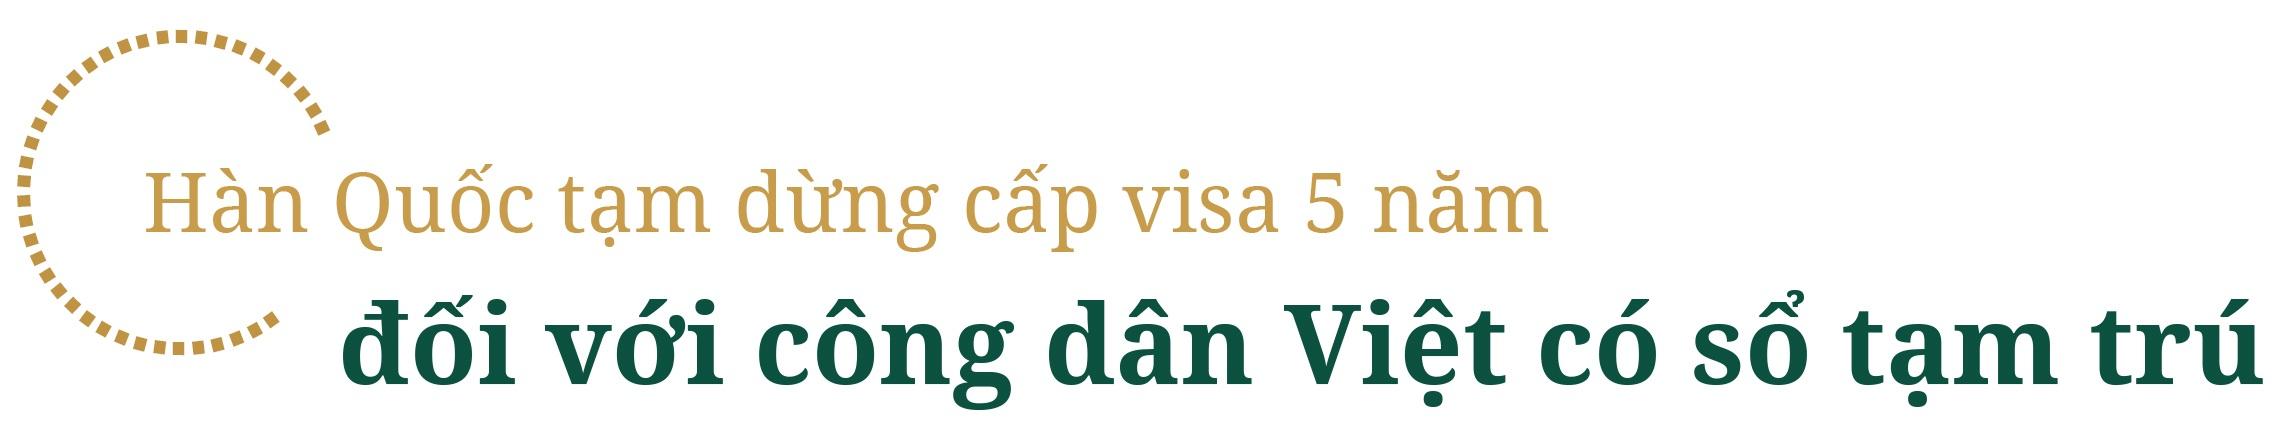 Du lịch Việt Nam đón lượng khách kỷ lục, nhận cơn mưa giải thưởng trong năm 2019 - 11